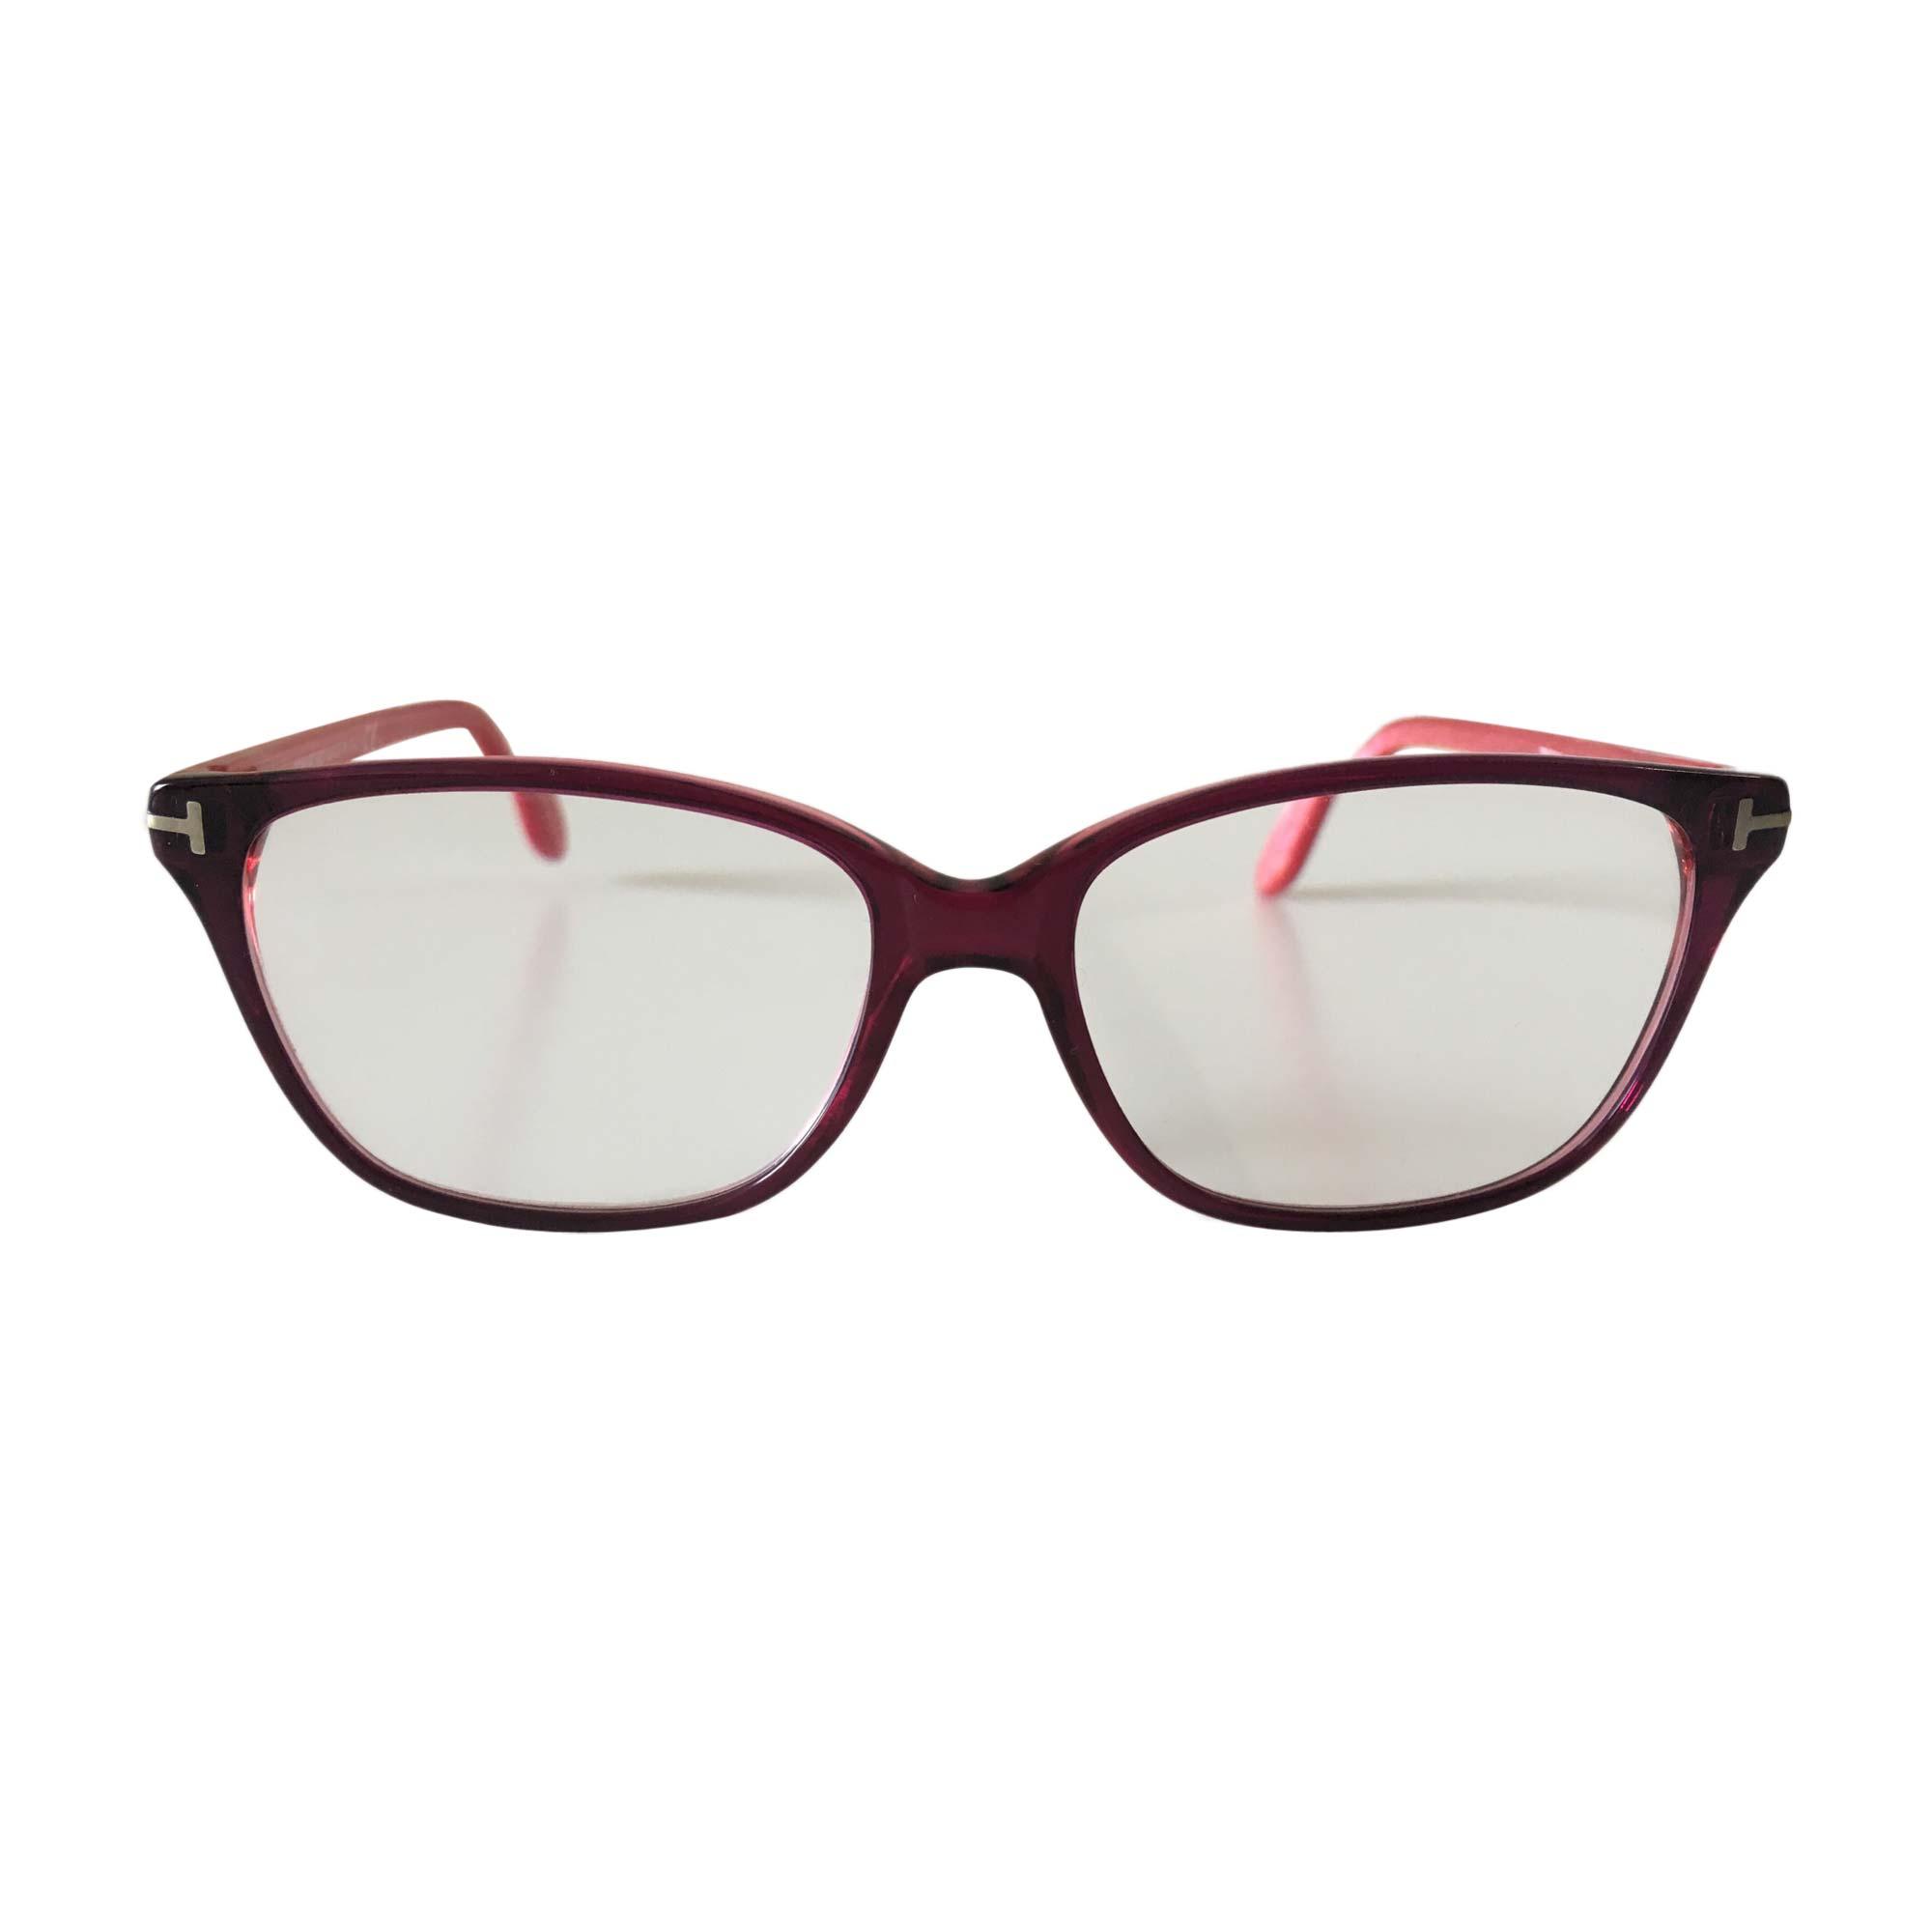 Monture de lunettes TOM FORD bordeaux et rose foncé - 7718296 418898f3d3c6